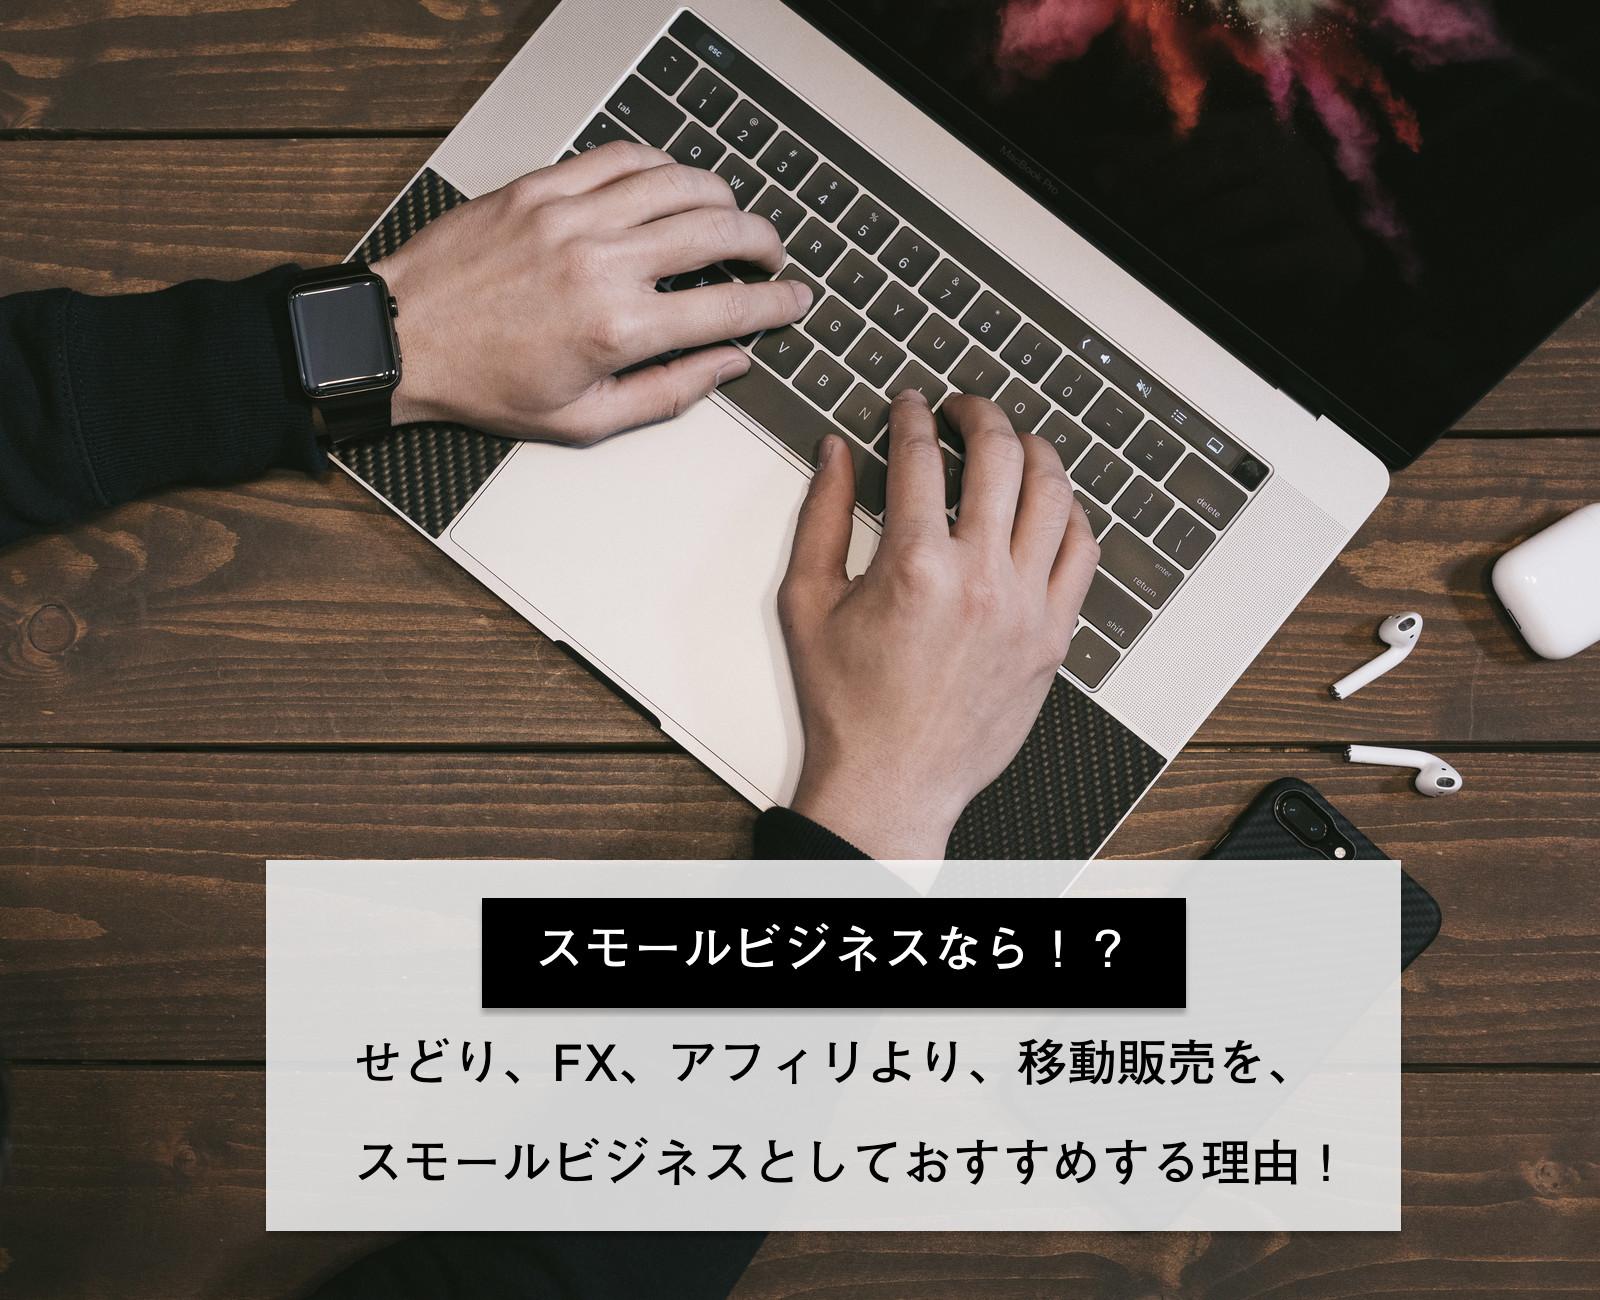 副業よりもキッチンカー(移動販売)!